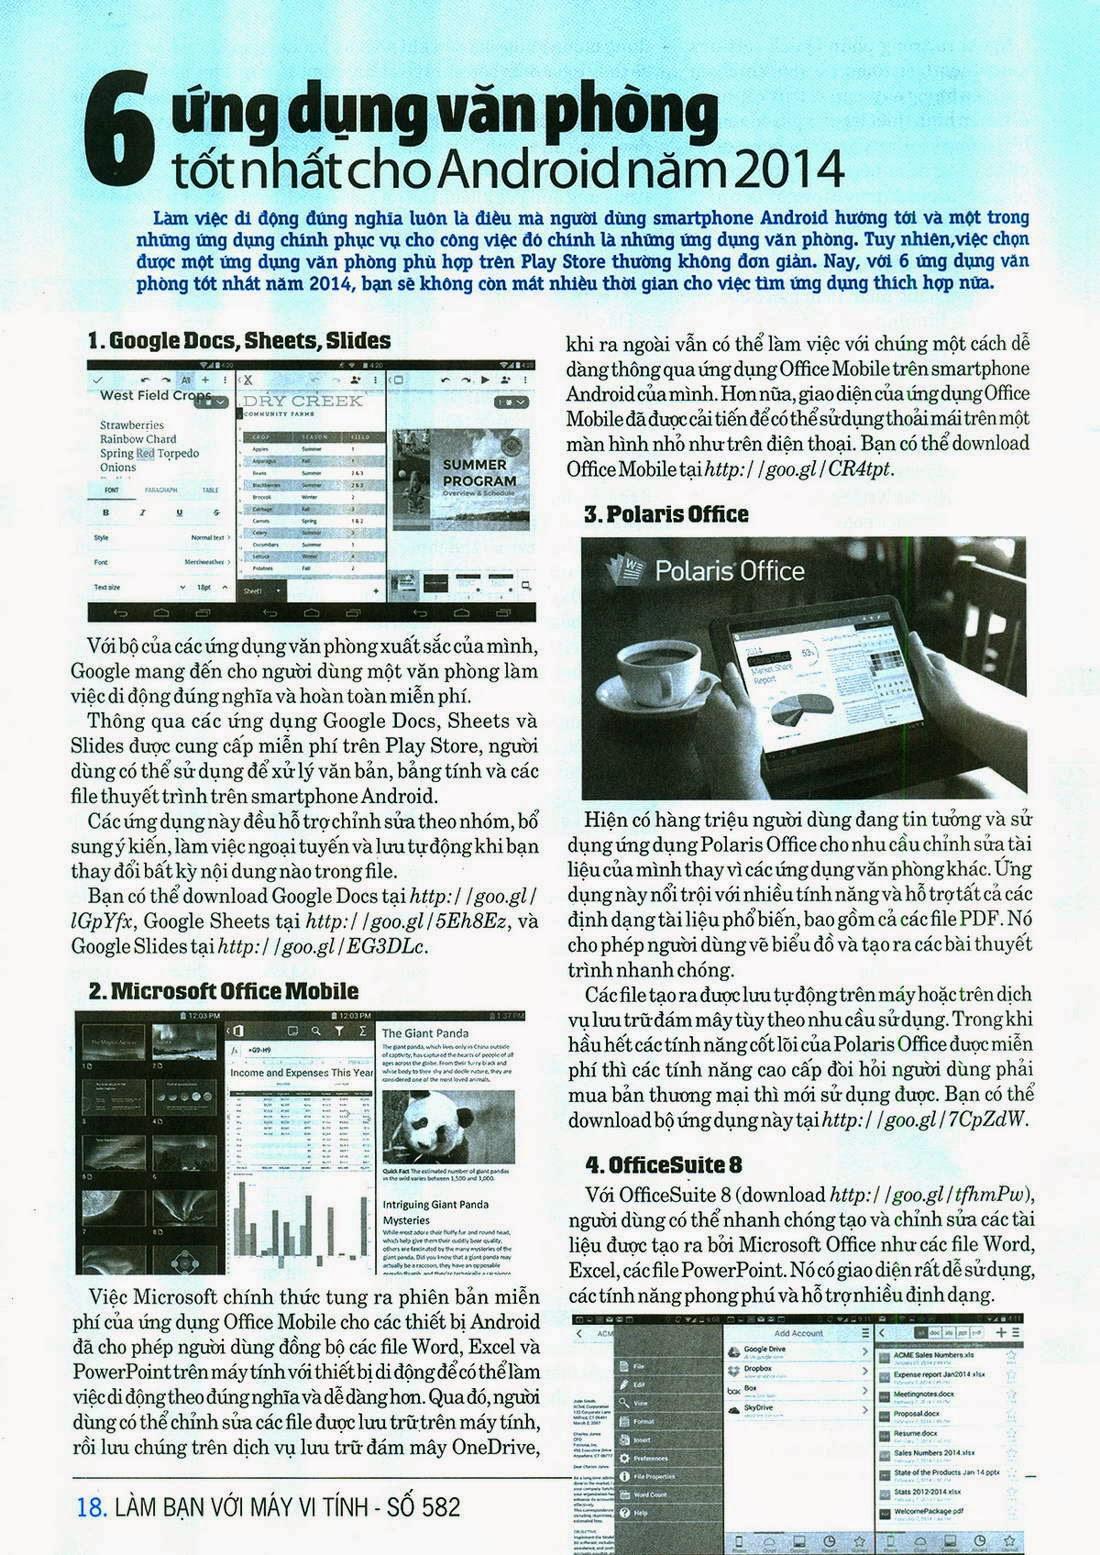 Làm Bạn Với Máy Vi Tính 582 tapchicntt.com